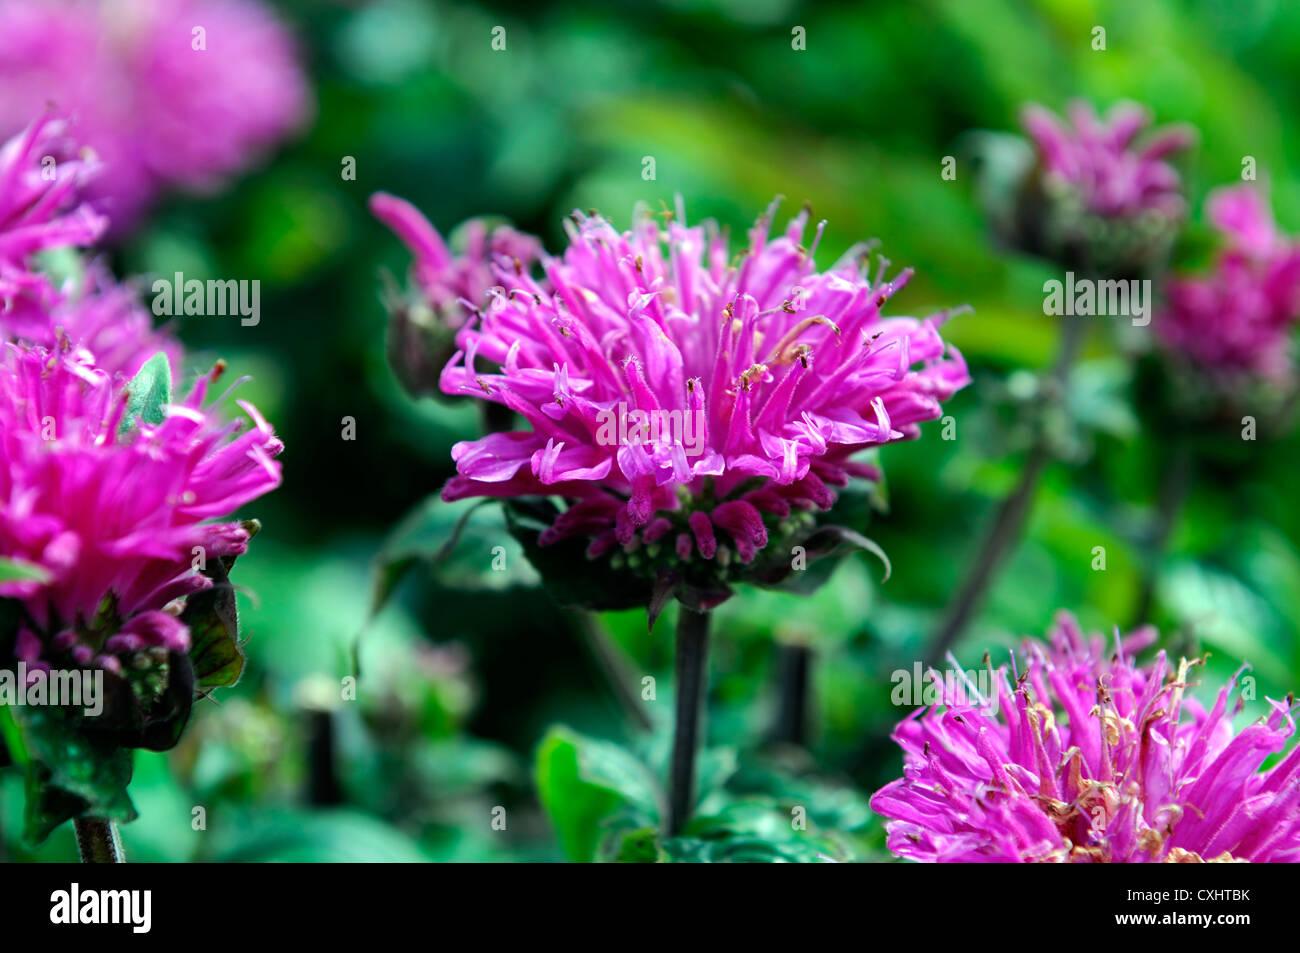 Monarda Didyma Cranberry Lace Pink